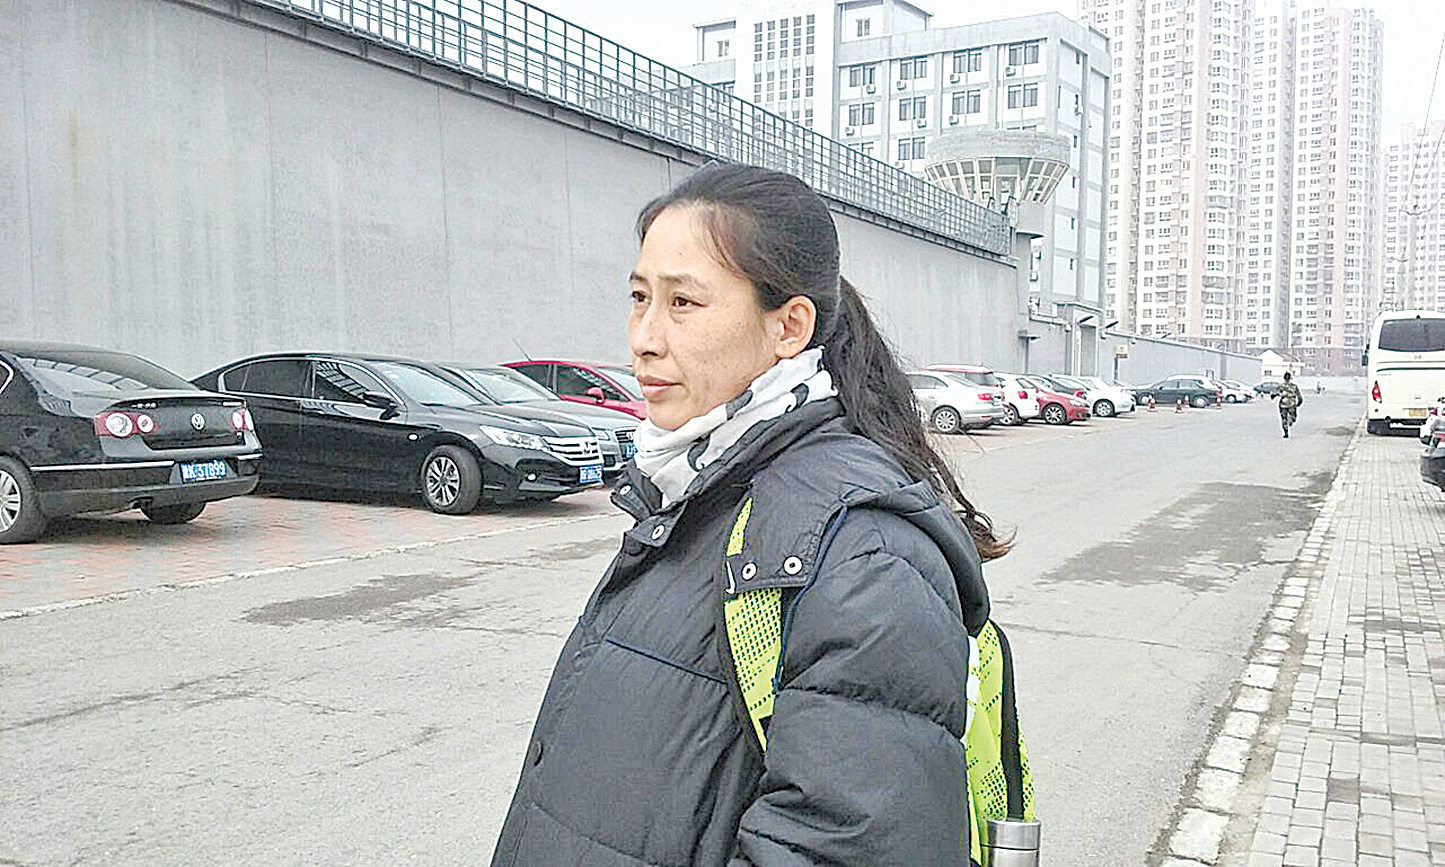 2016年元宵節,原珊珊去天津市看守所給謝燕益存錢,沒有存上。當時她第三個孩子還有一個月就要生了。(作者提供)